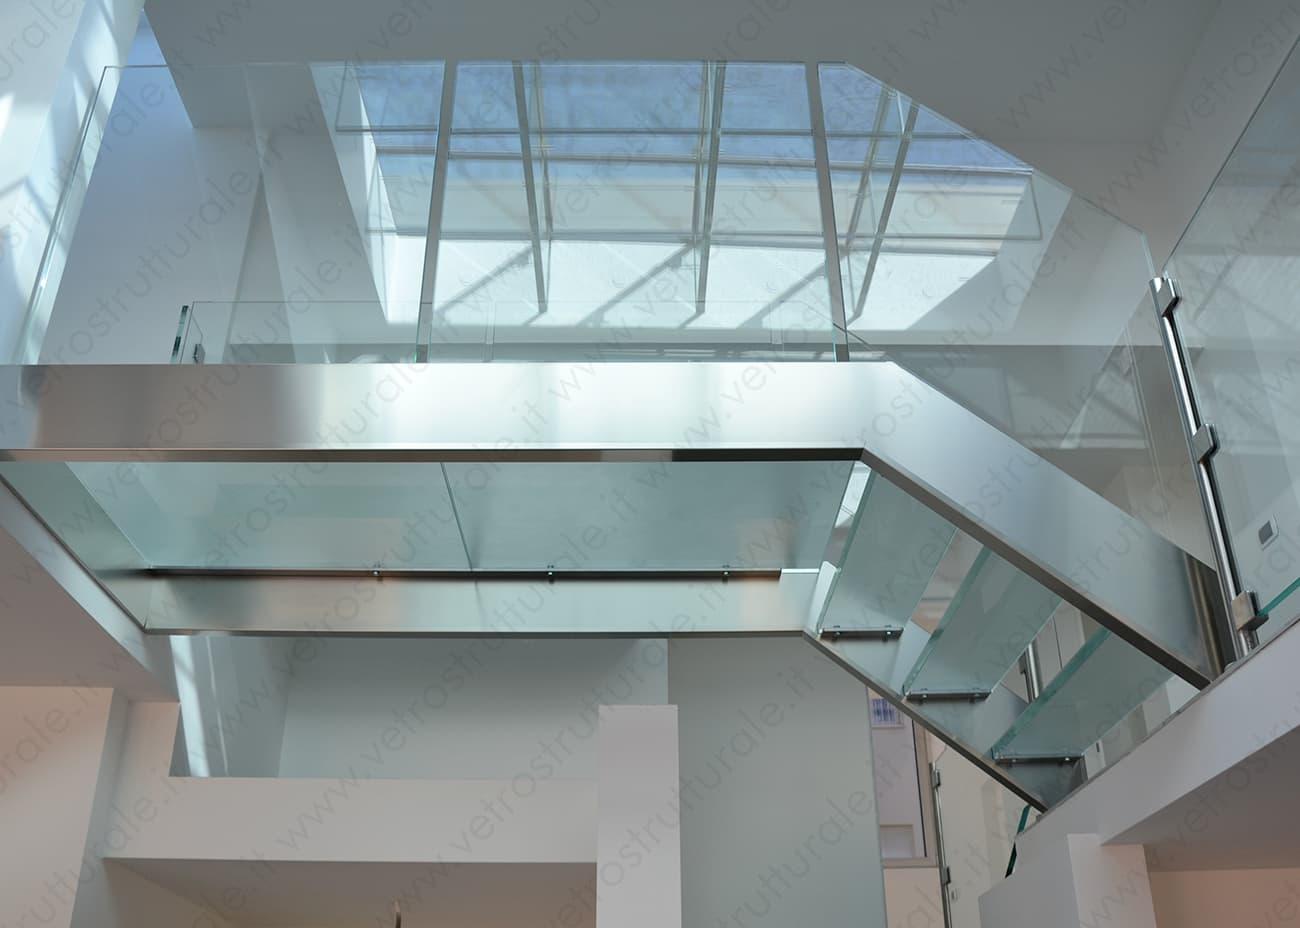 Realizzazione di soppalchi, scale e passerelle in vetro strutturale a Milano